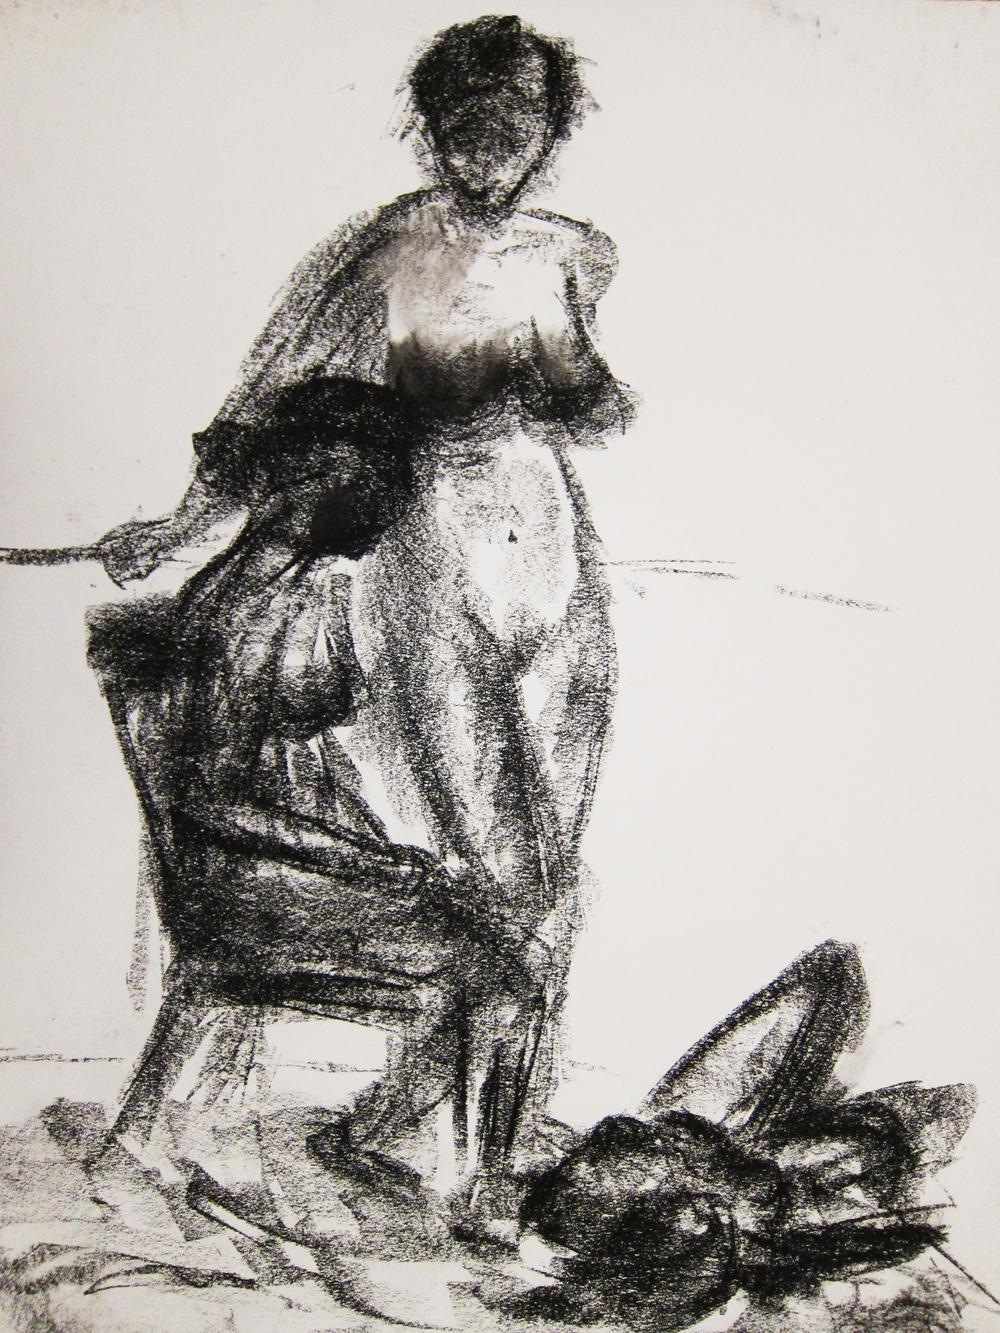 Posture Study